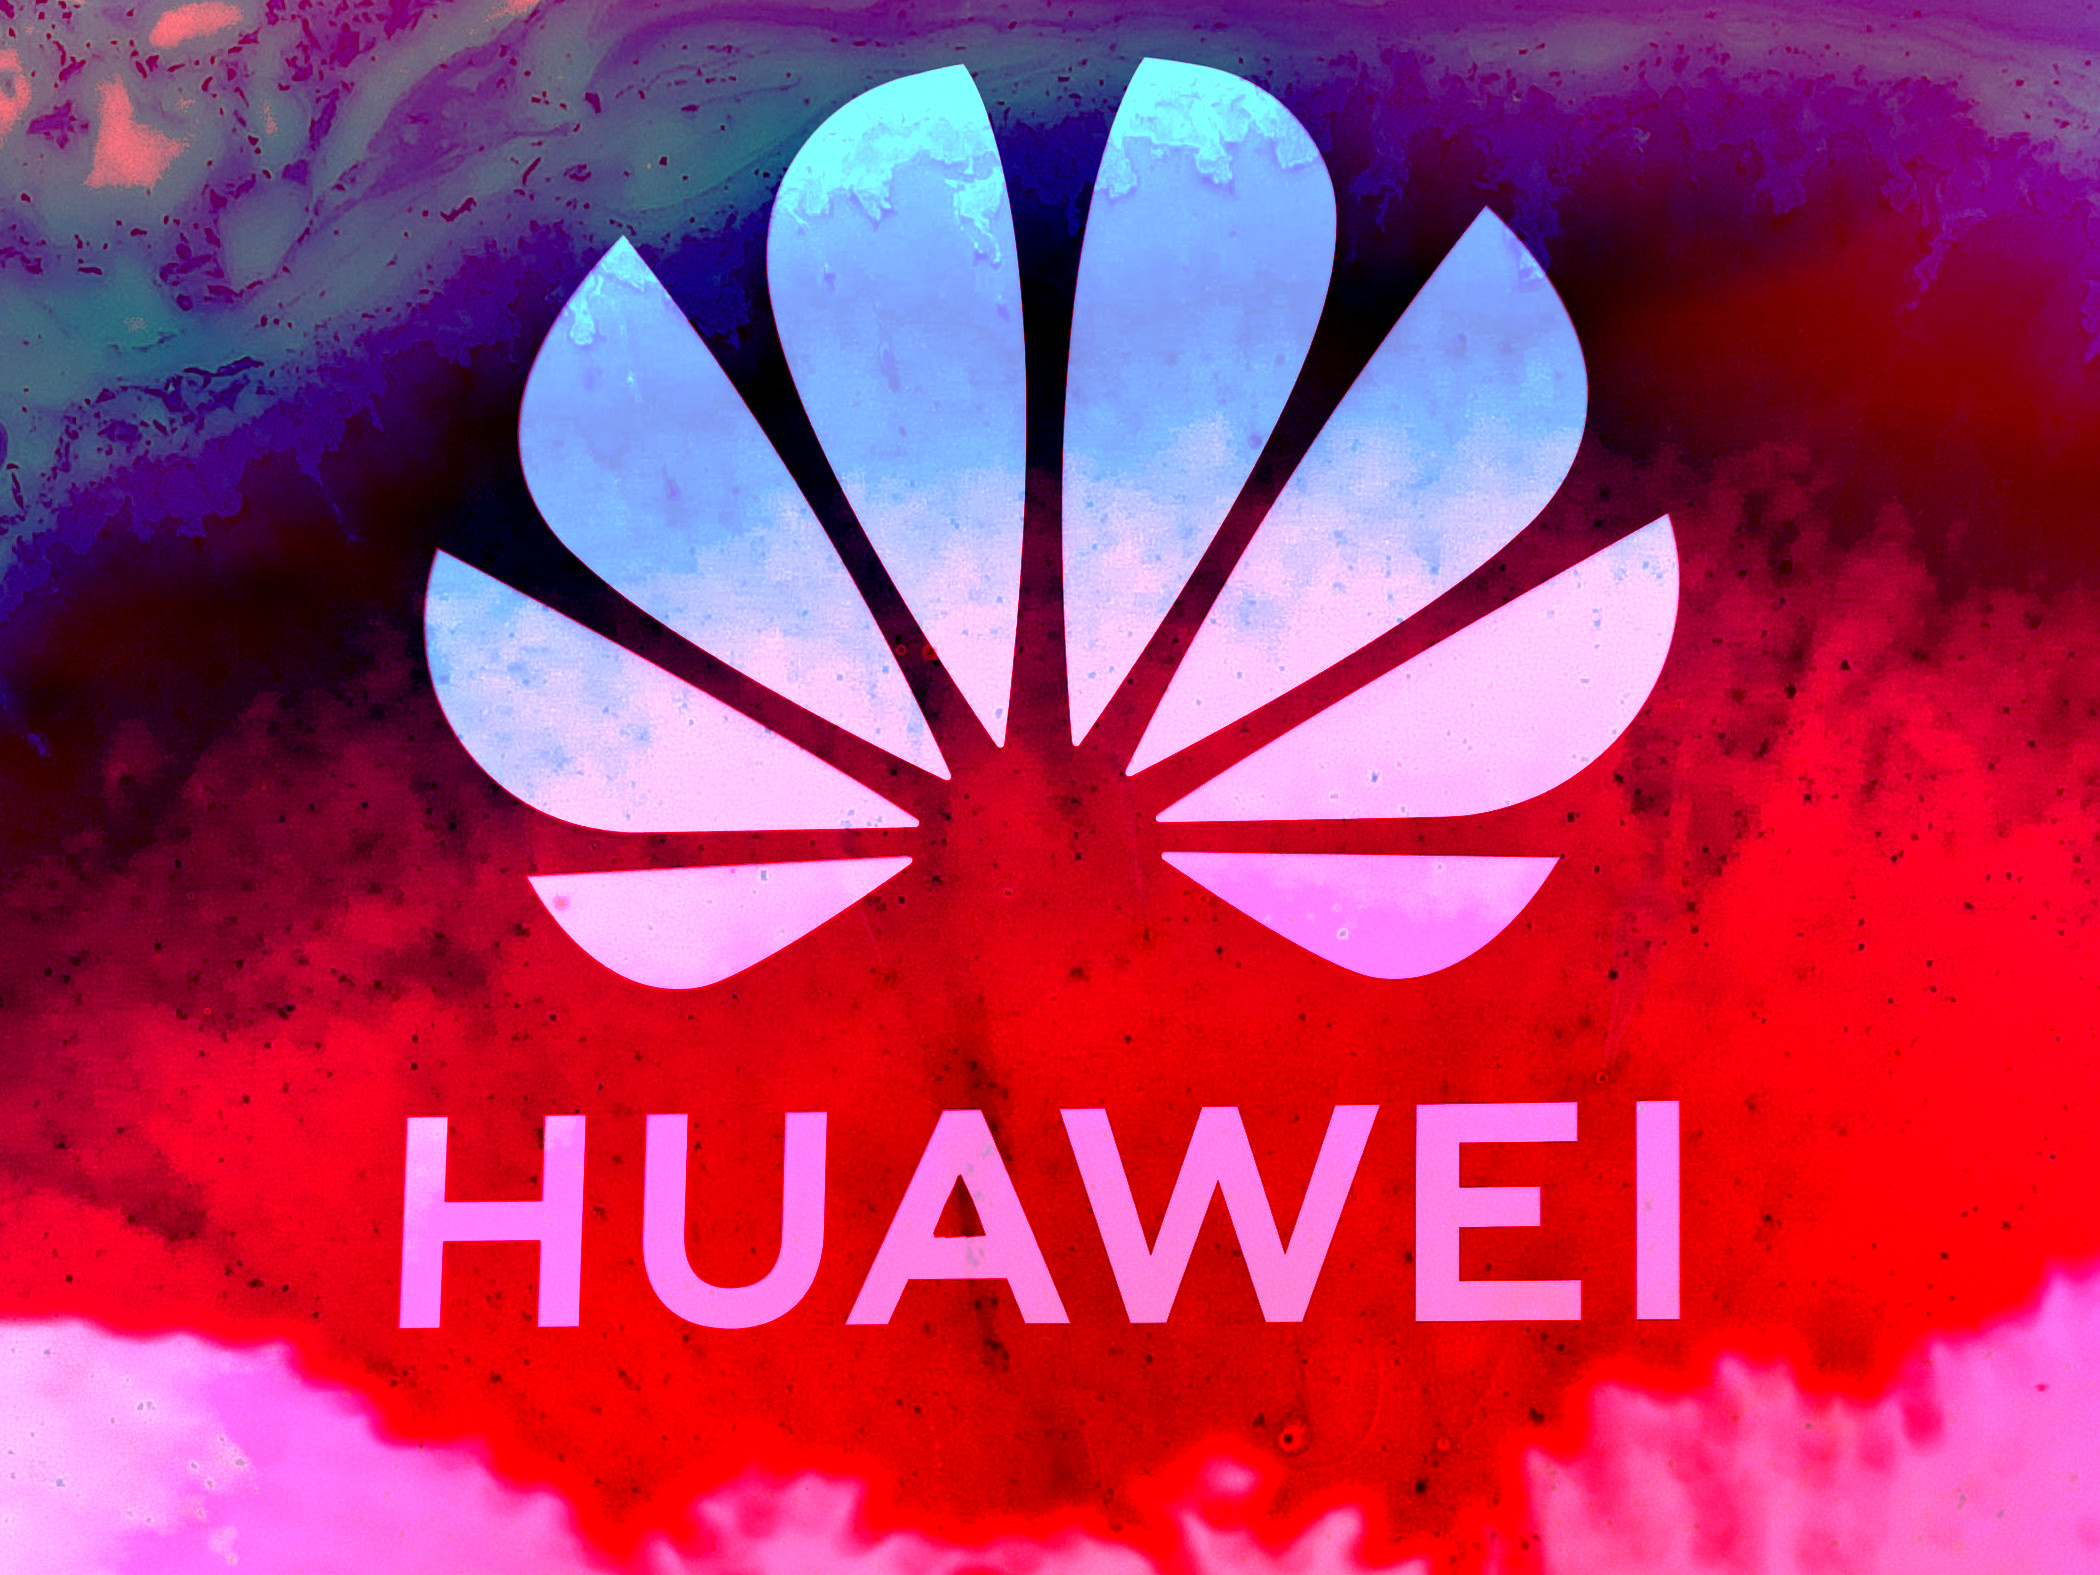 Huawei-Drama spitzt sich zu: Diese Vorwürfe sind heftig - inside digital